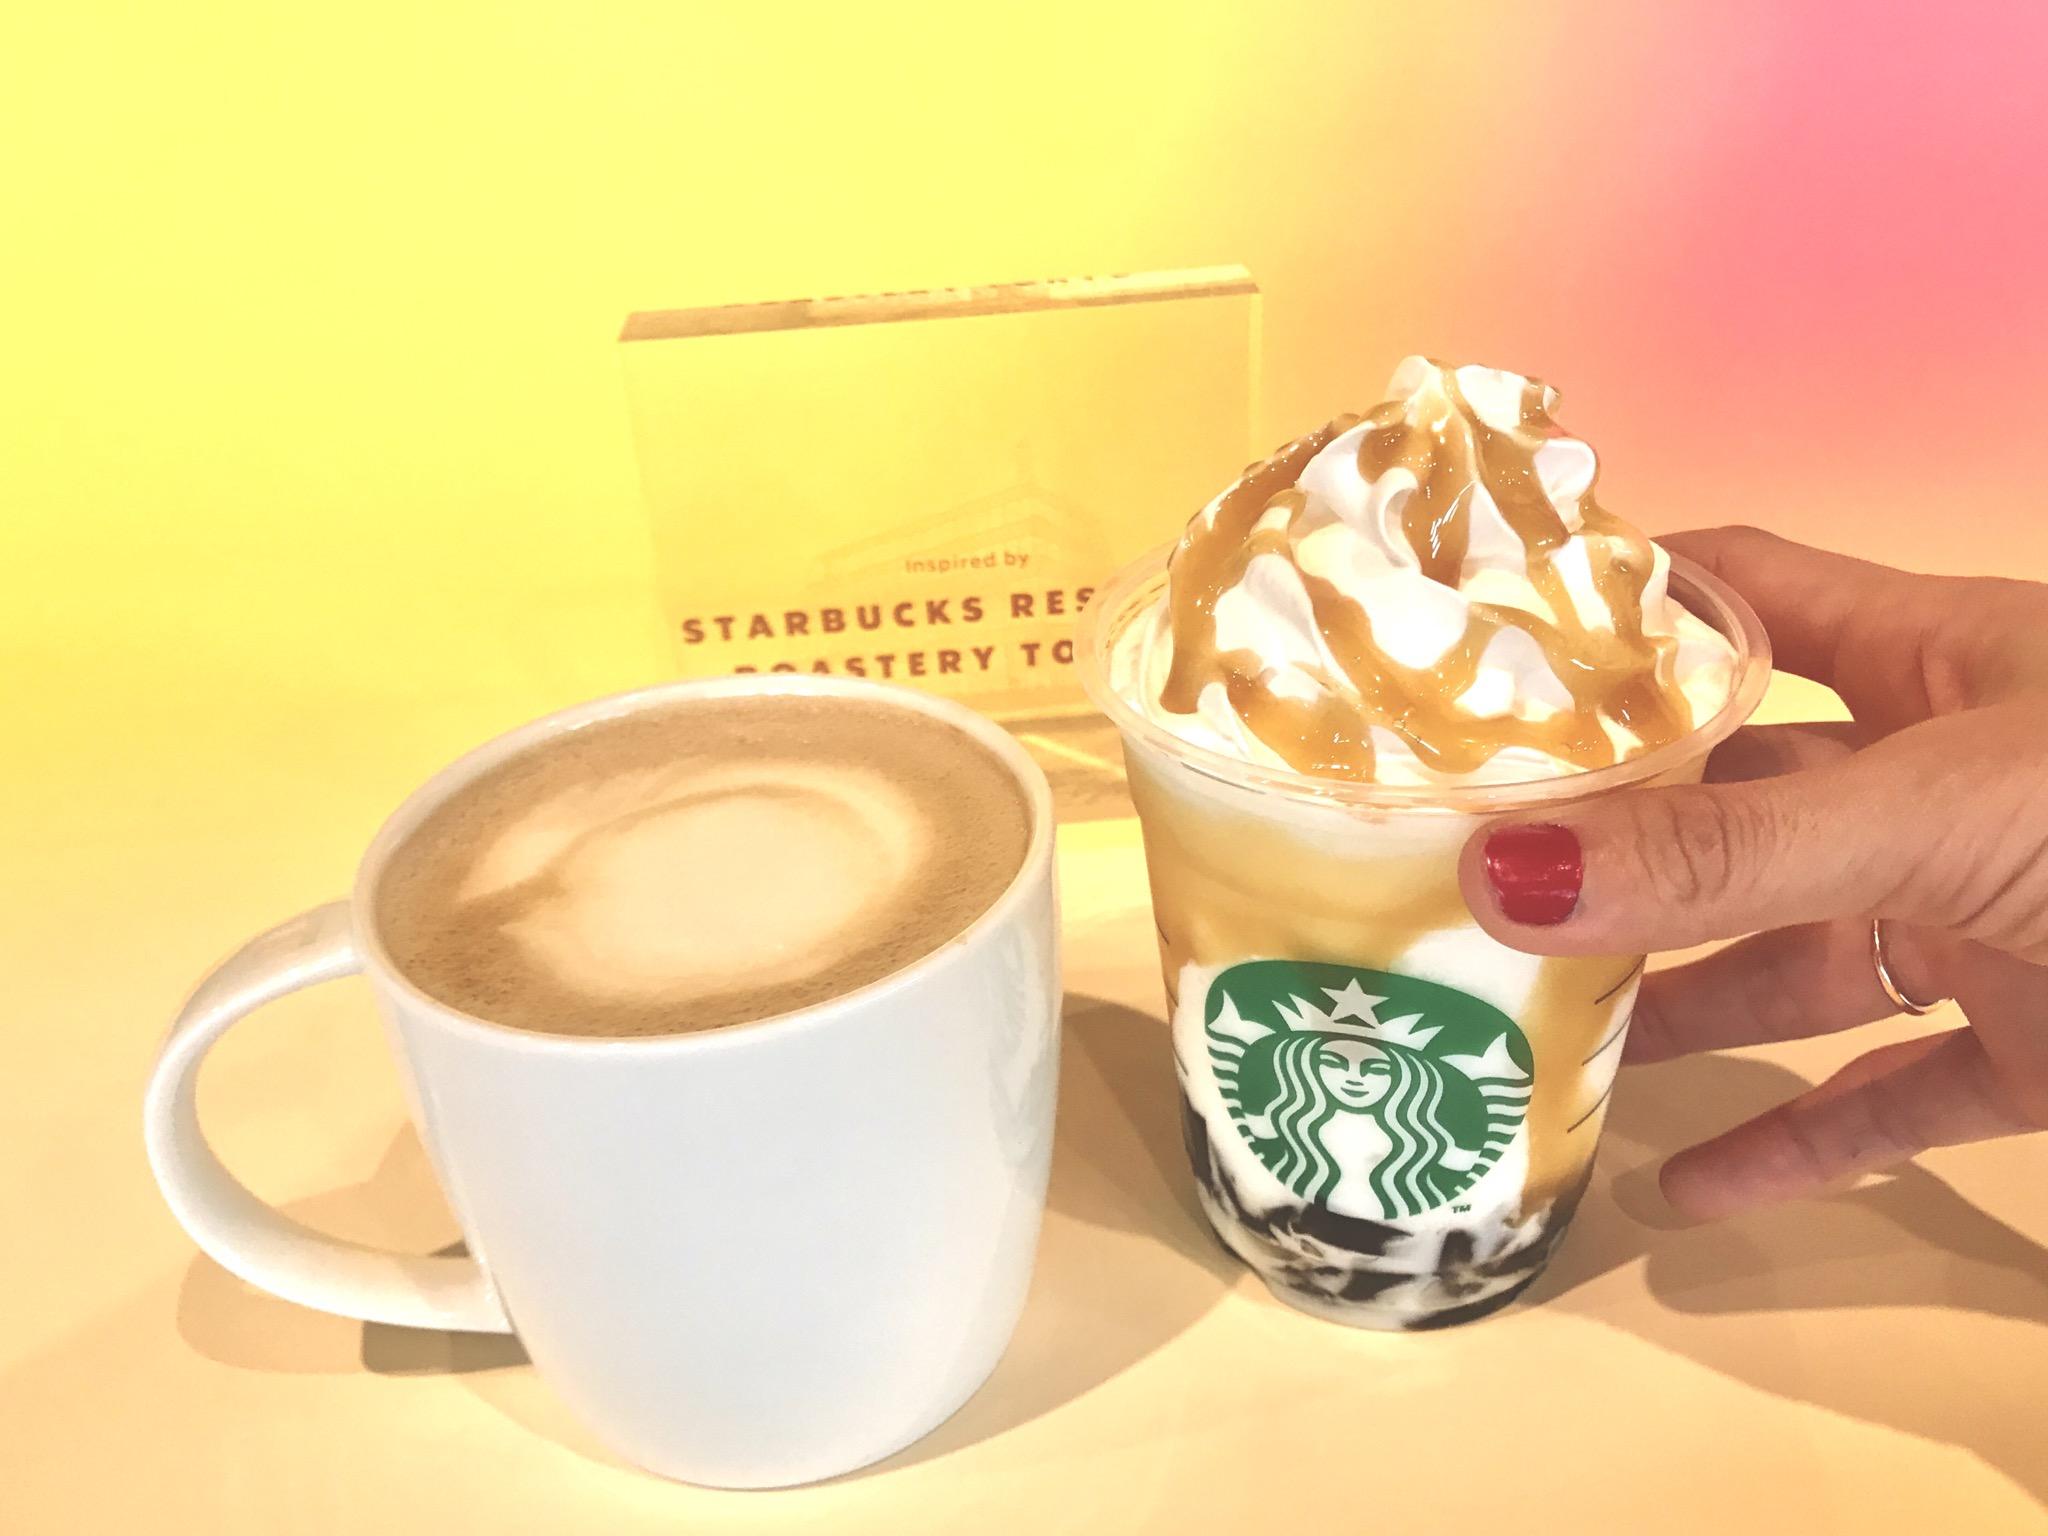 【スタバ 新作レポ】「バタースコッチ コーヒー ジェリー フラペチーノ」が絶品♡ おすすめカスタマイズや他メニューも紹介_1